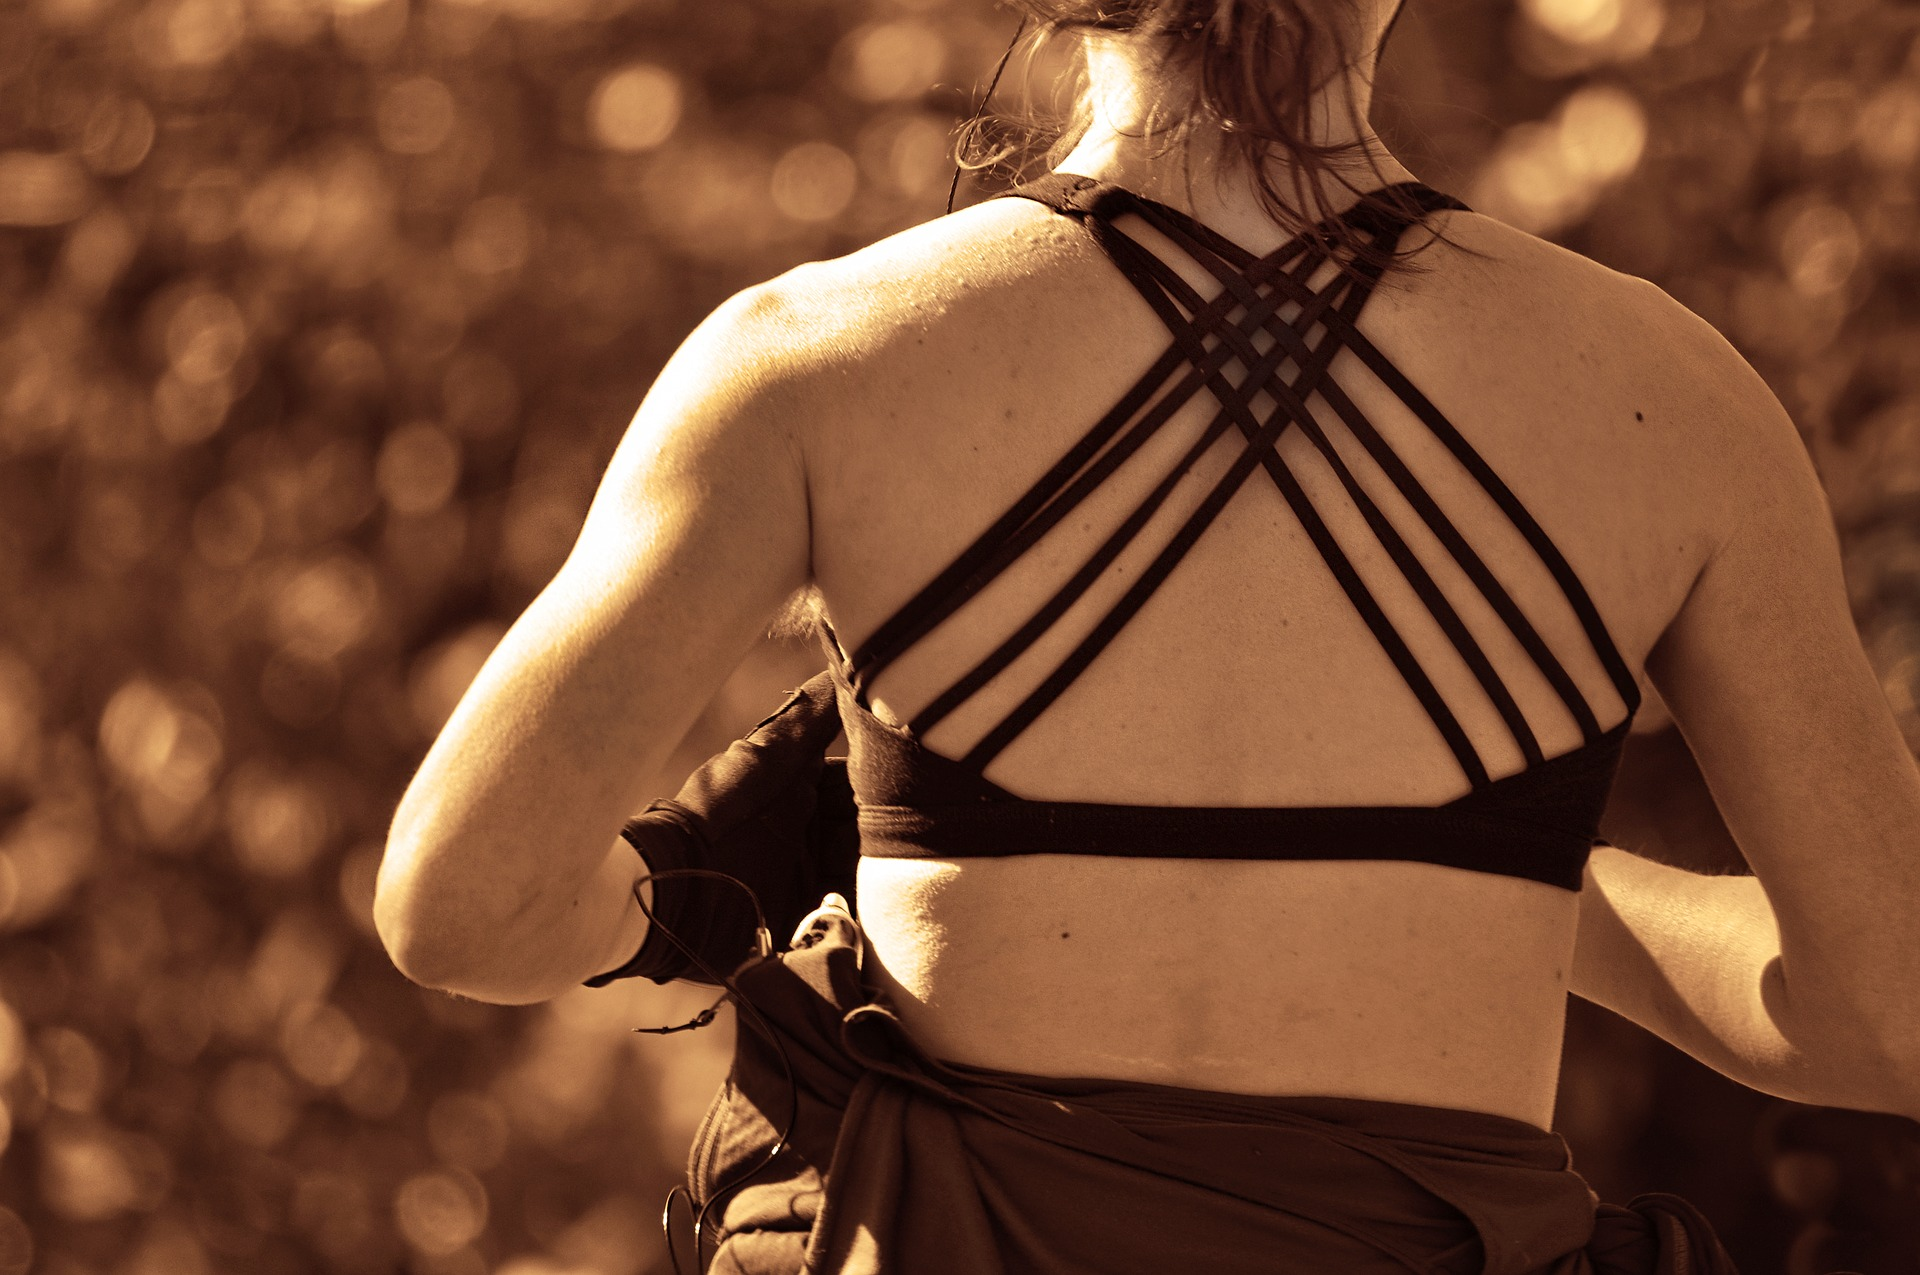 A imagem é uma mulher de costas correndo. Ela está usando uma roupa de academia preta e está com luvas nas mãos também.